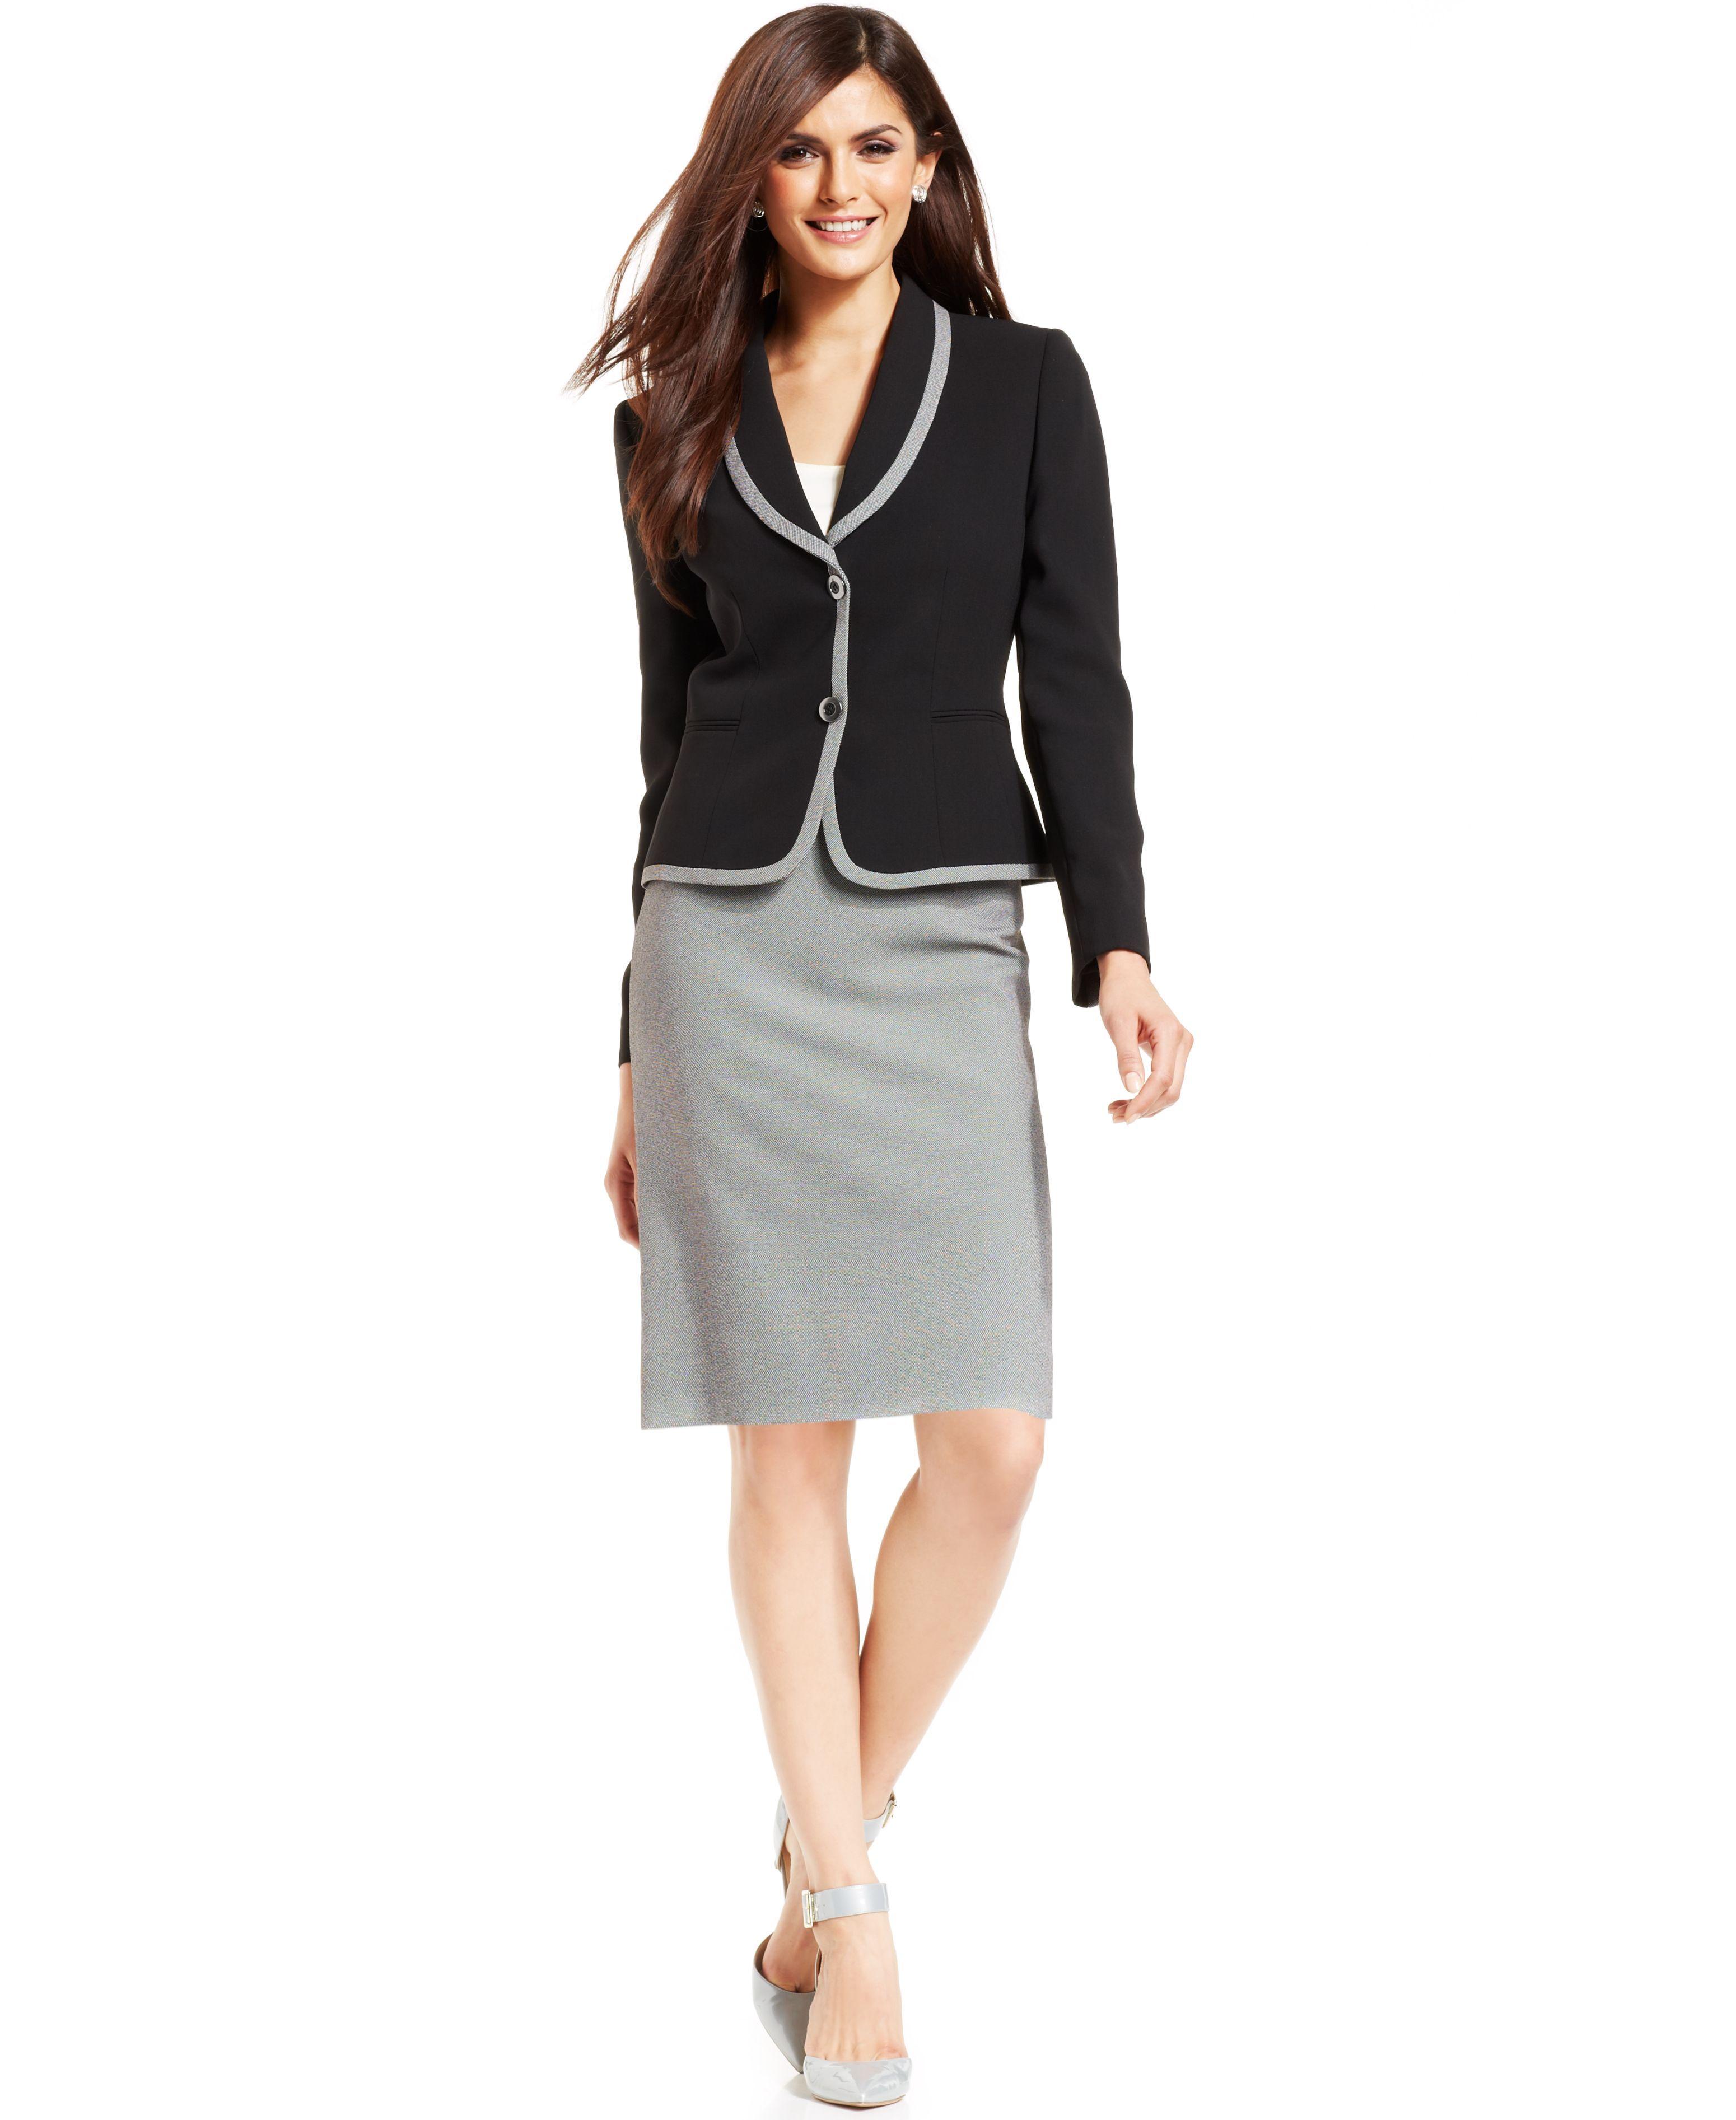 5355c5f8 MACYS Tahari ASL Two-Button Tweed Suit 2490173_fpx ---- | Veena ...